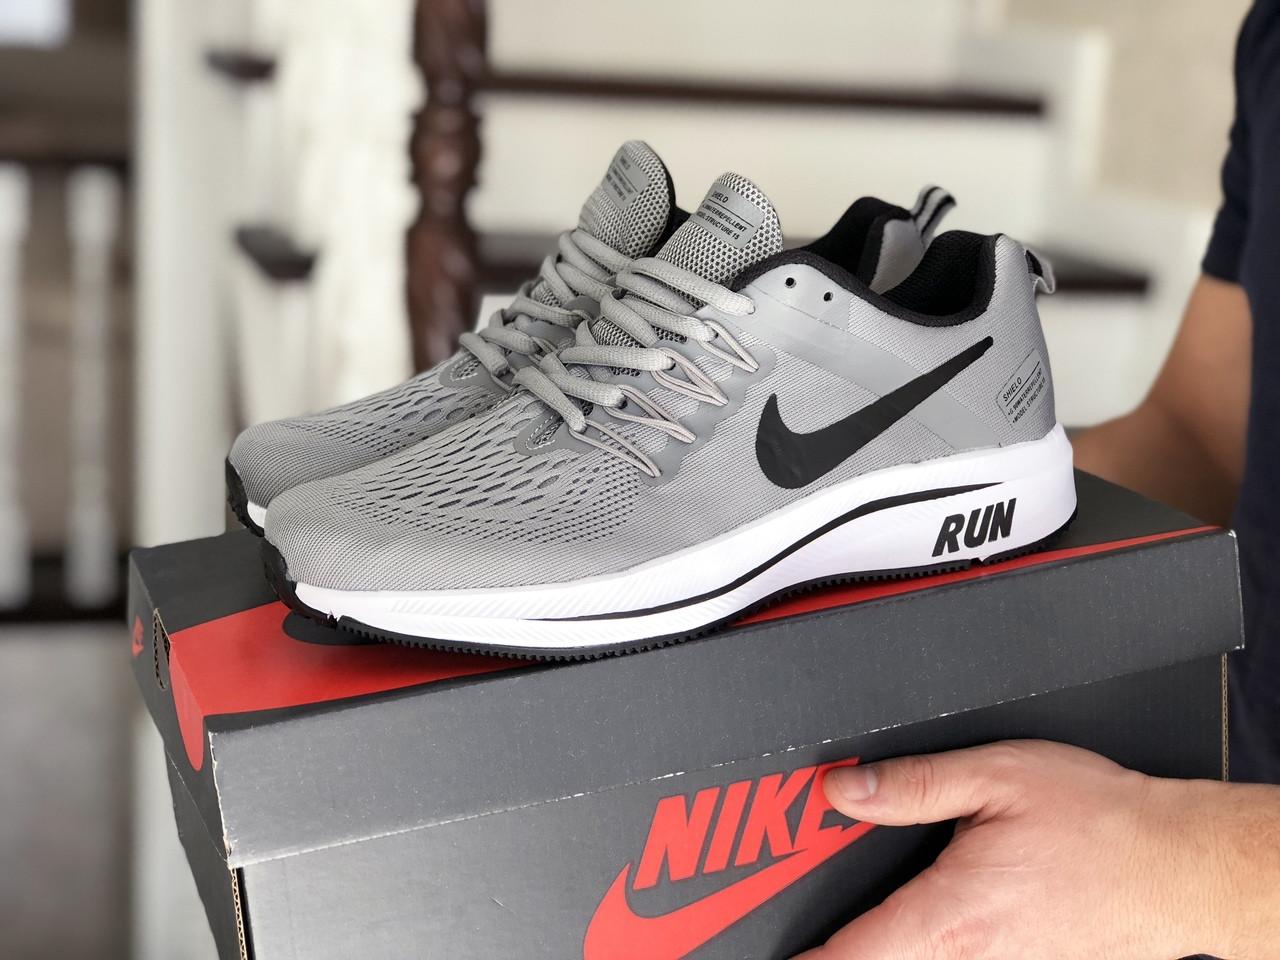 Чоловічі кросівки Nike Run shield (світло-сірі з білим) 9072